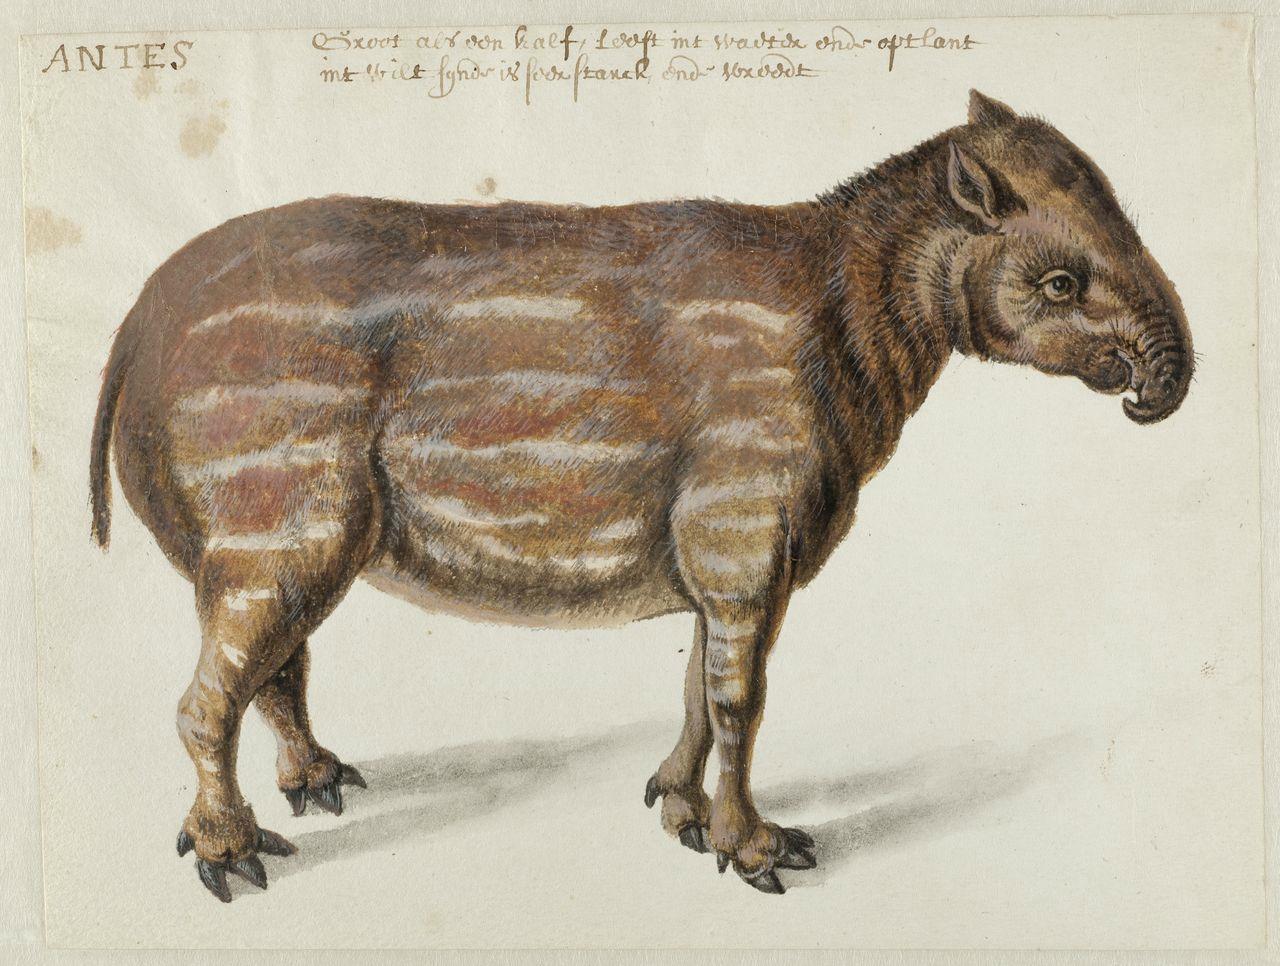 Ontdekt: Braziliaanse fauna getekend door Frans Post